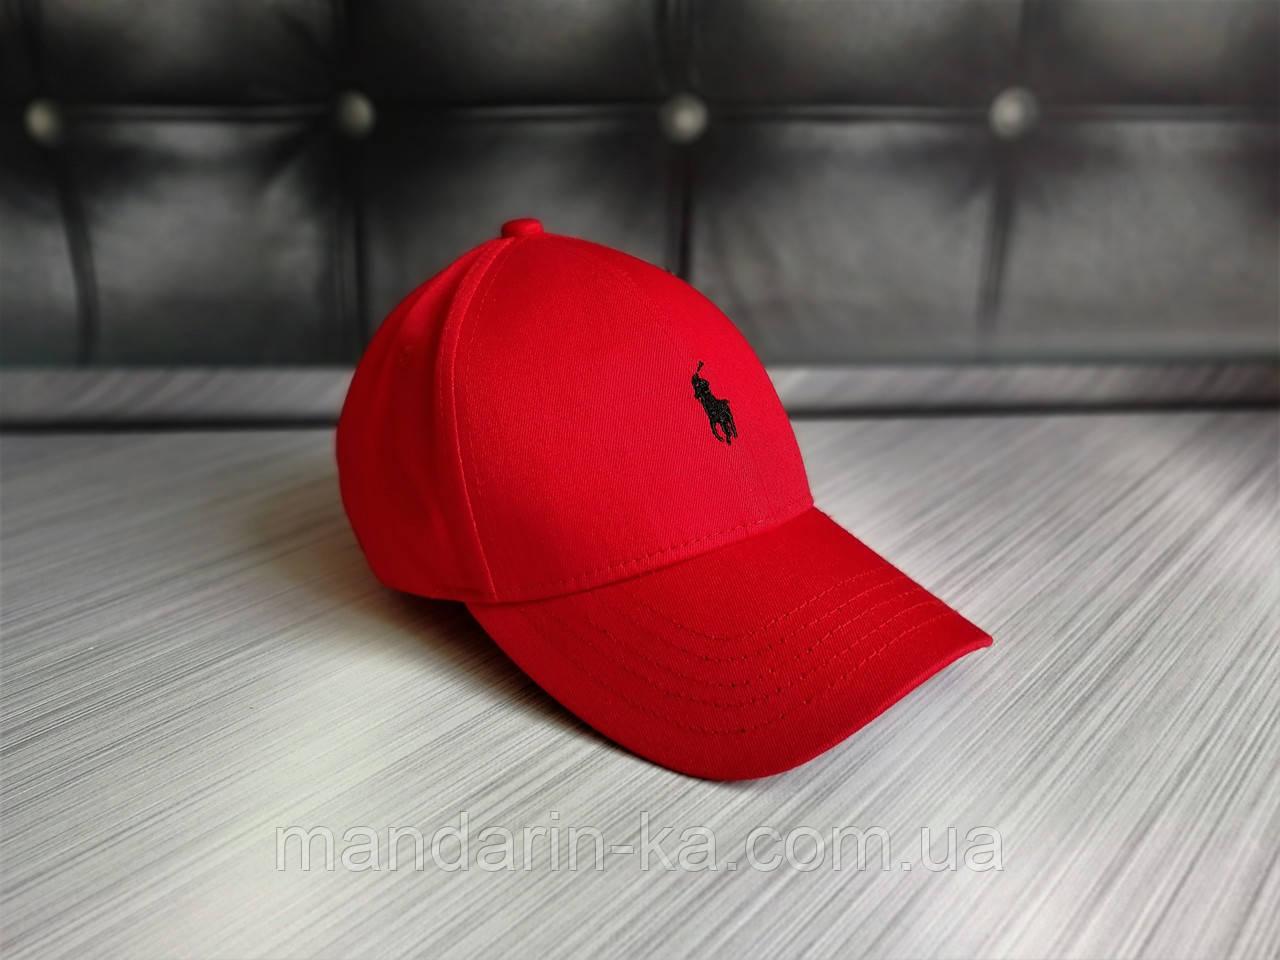 Кепка бейсболка блайзер Polo Ralph Lauren Ральф Лорен красная (реплика)